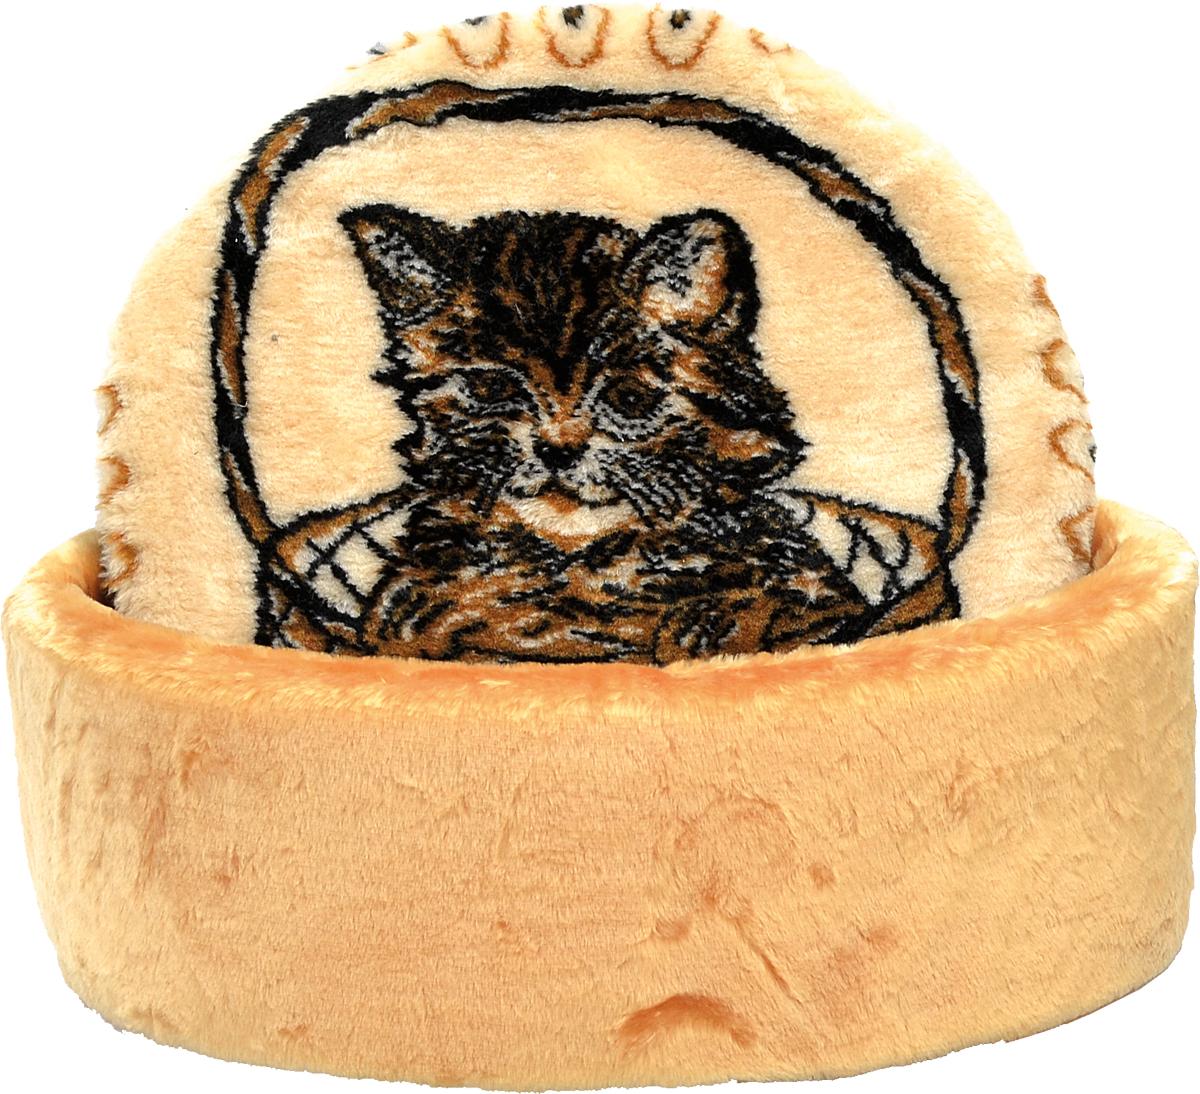 Лежак для животных Зооник Мурзик, цвет: бежевый, коричневый, 45 х 17 см лежак дарэлл хантер лось 1 с подушкой 45 33 14см